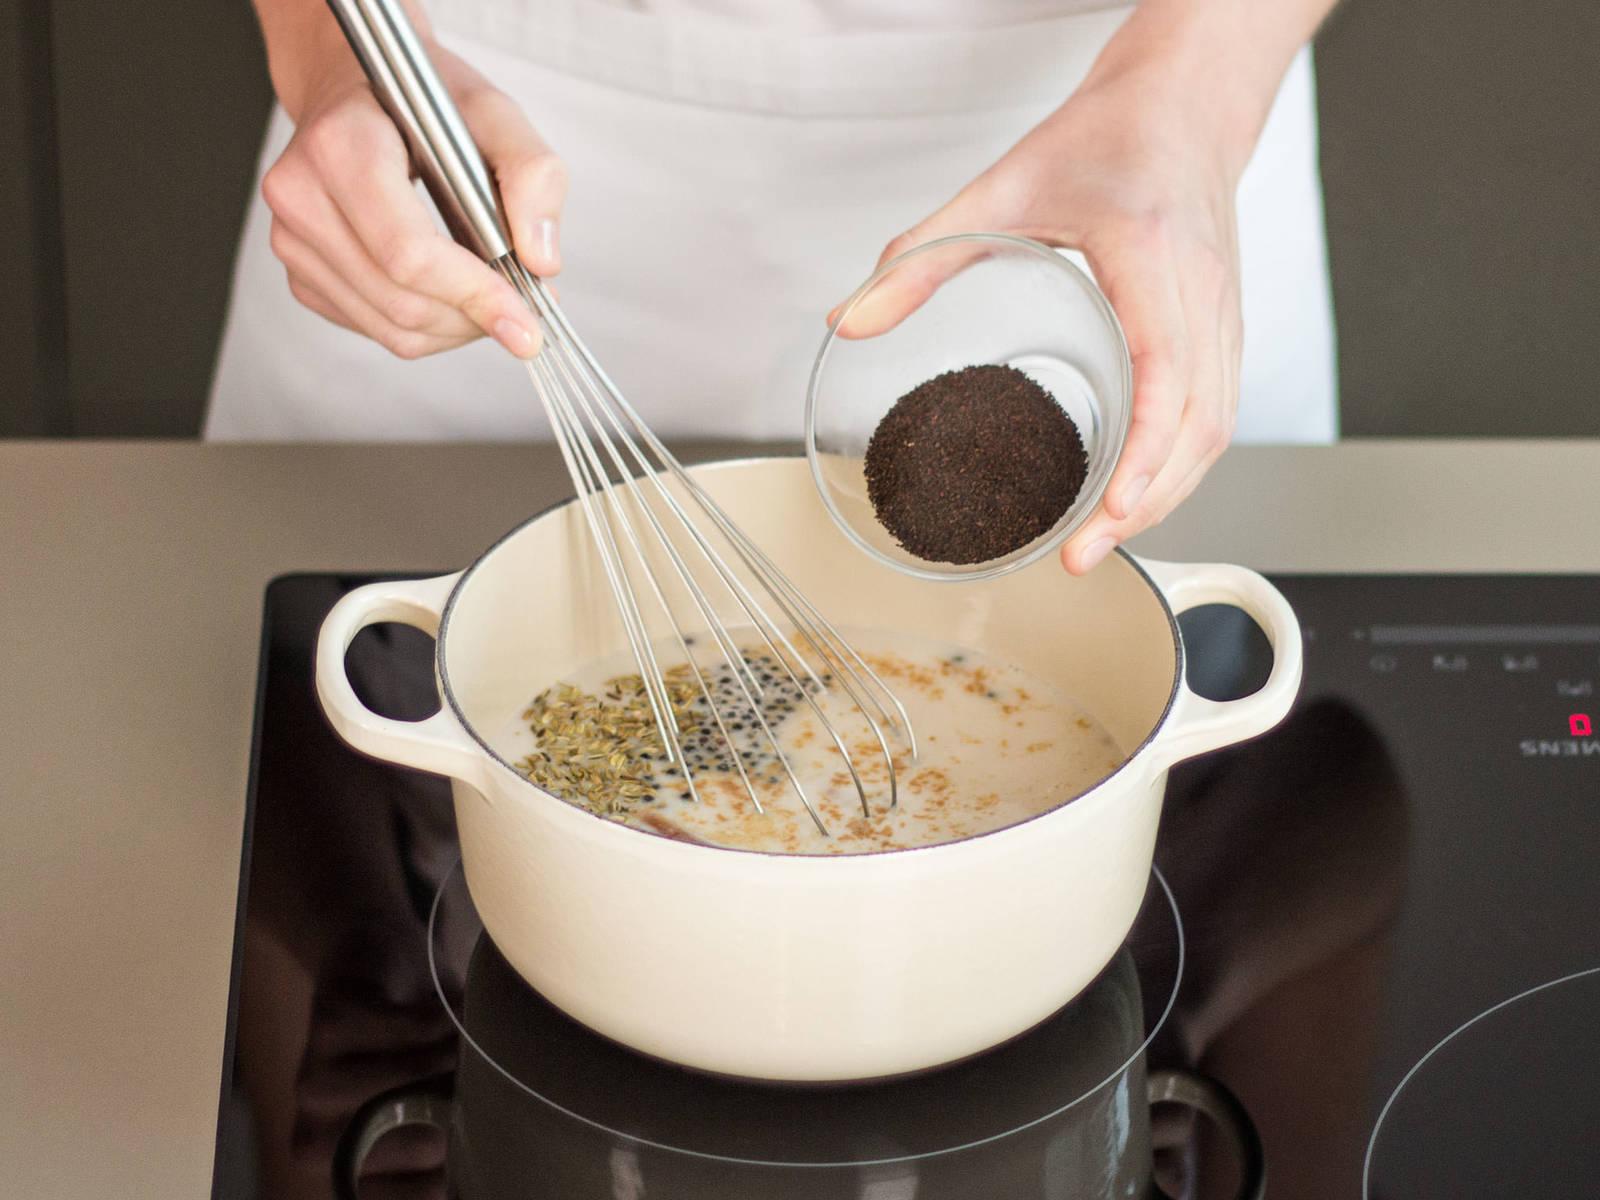 在一大平底锅中混合杏仁乳,姜粉,丁香,豆蔻,黑胡椒,肉桂棒,茴香籽和红茶, 用中火加热2-3分钟至沸腾。